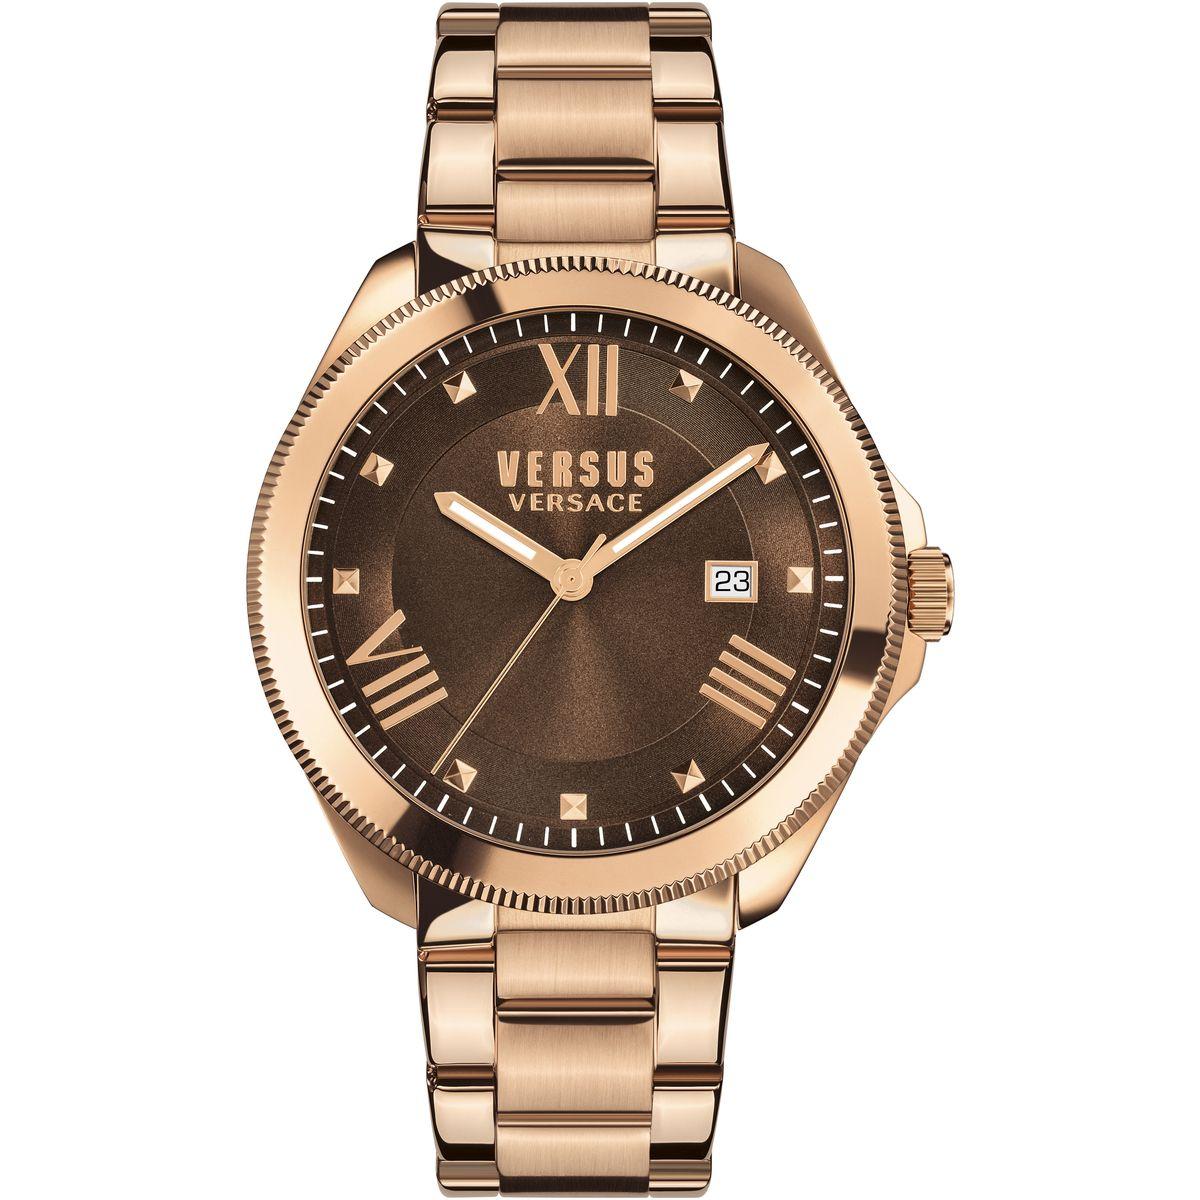 Наручные часы женские Versus Versace, цвет: золотой, коричневый. SBE070015SBE0700155 стрелки, механизм кварцевый Citizen_2025, сталь, диаметр циферблата 38 мм, браслет, застежка из стали, стекло минеральное, водонепроницаемость - 3 АТМ